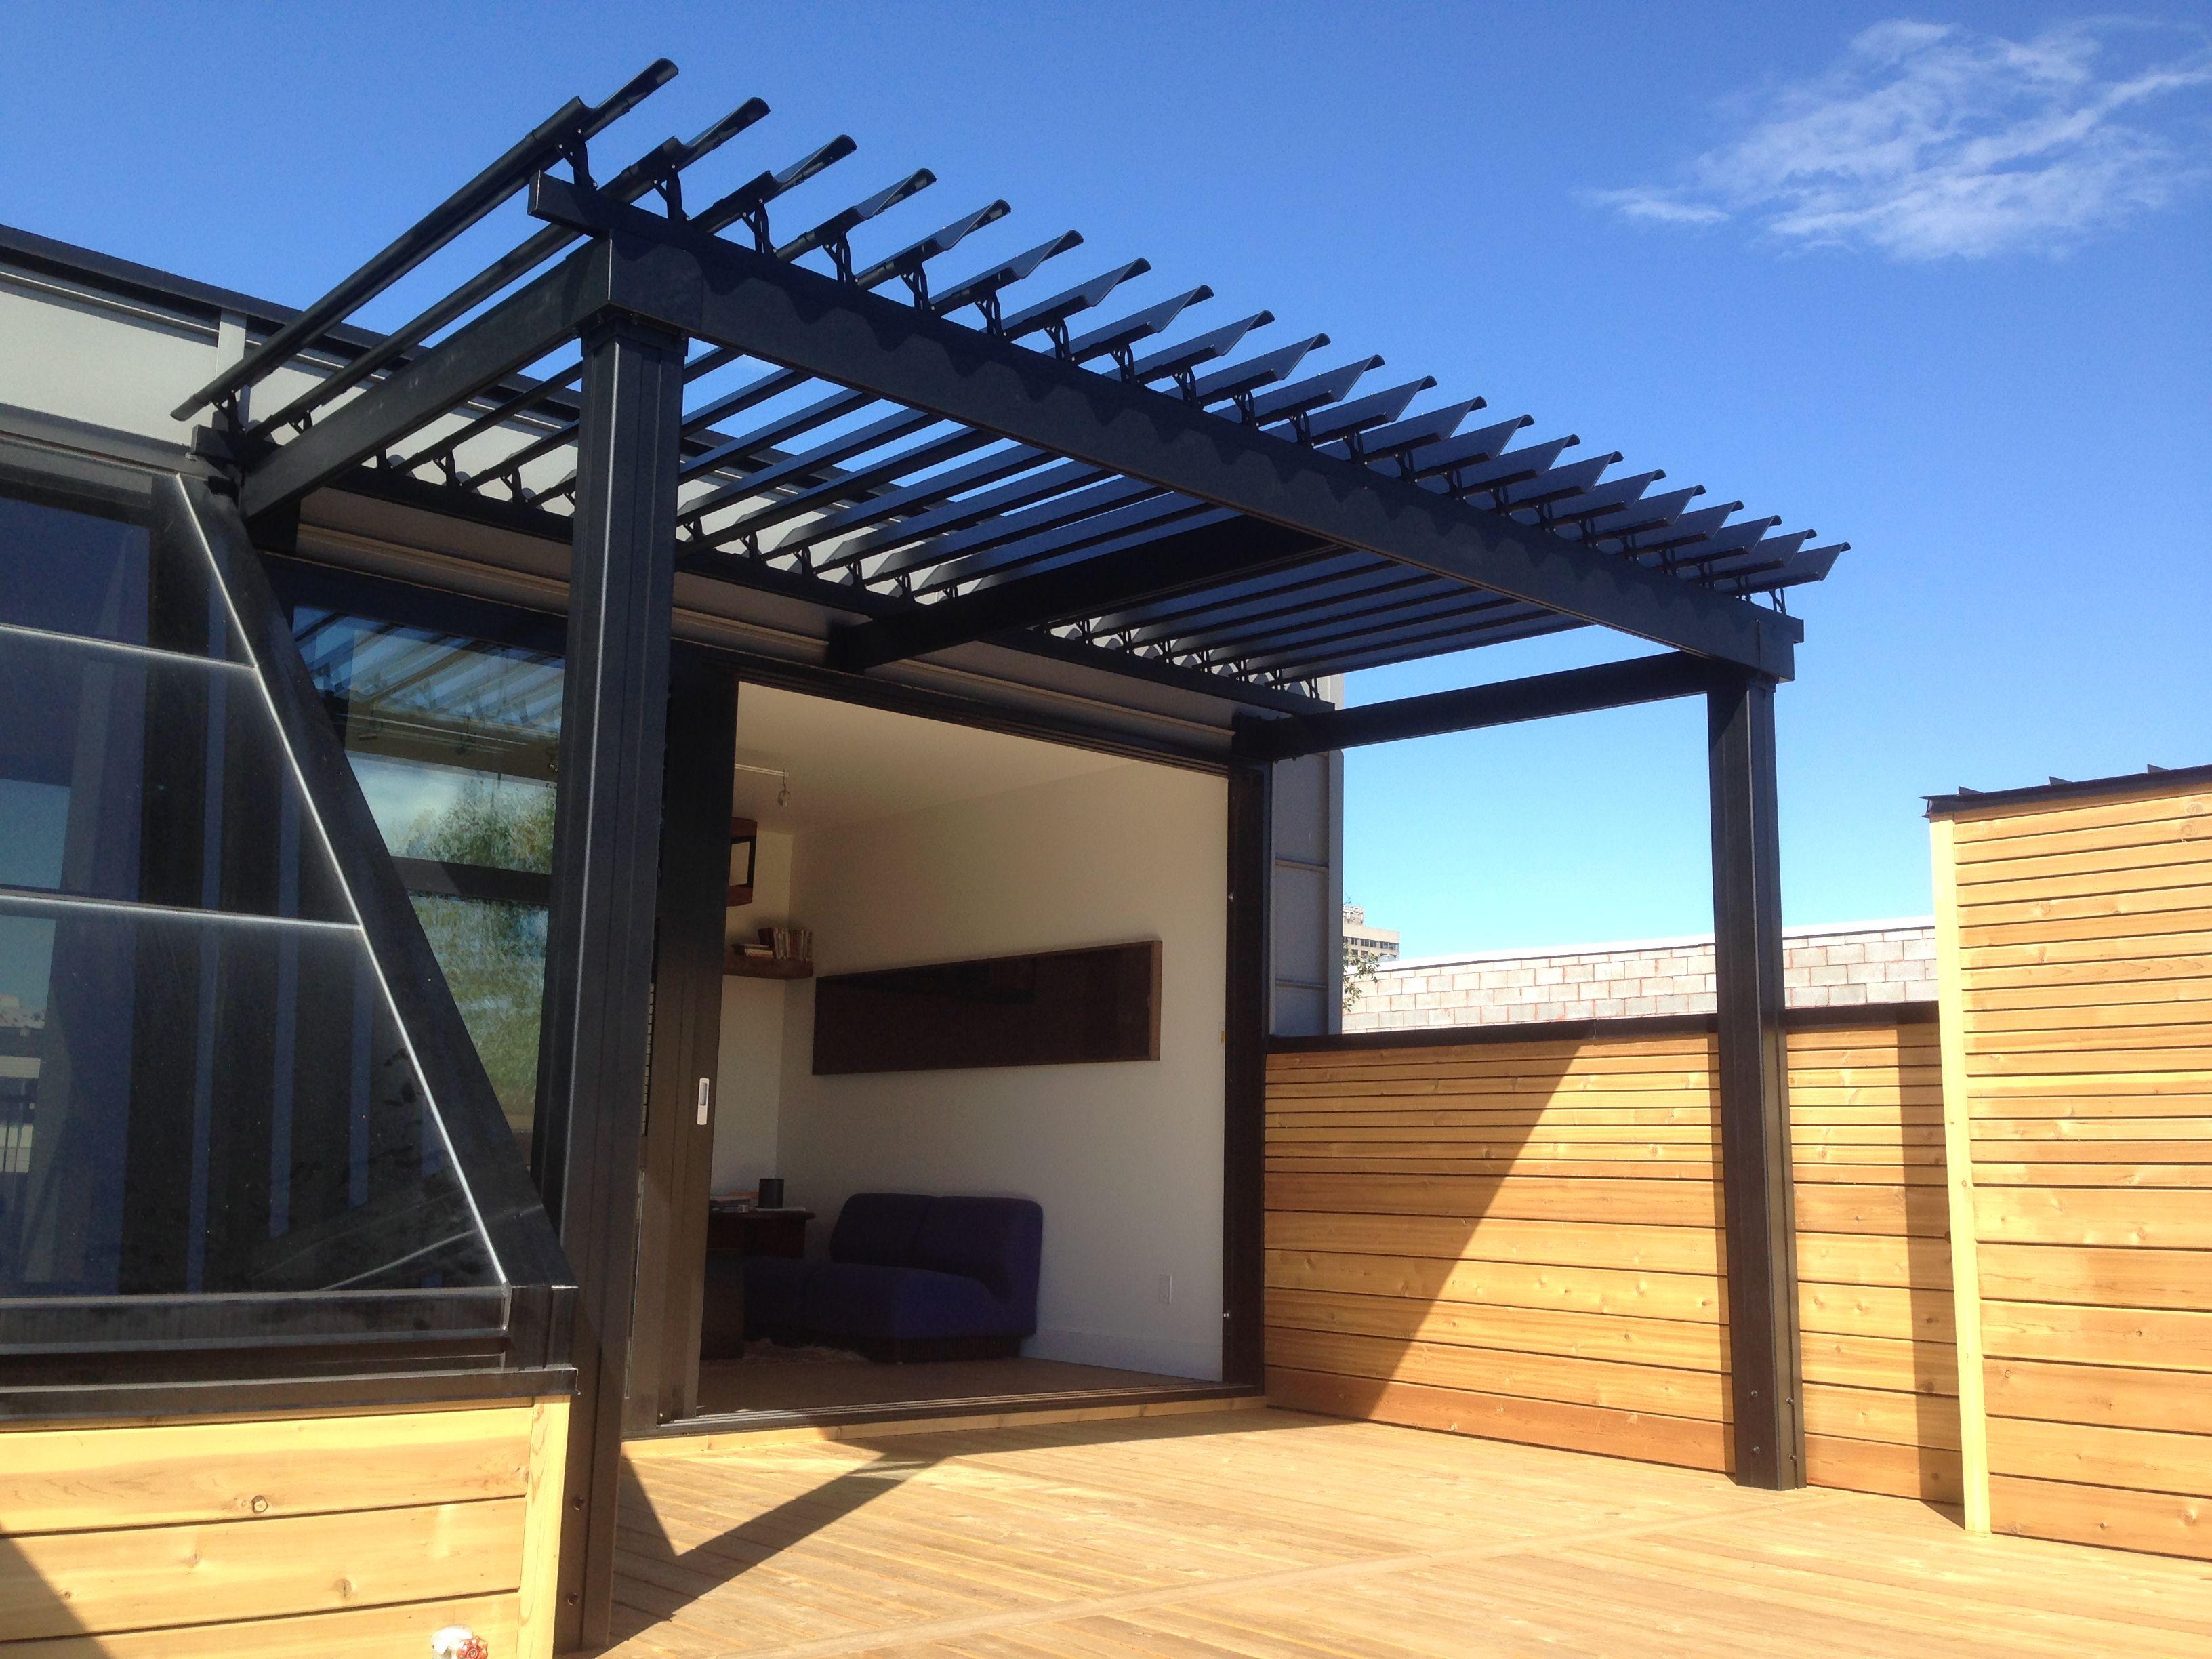 Sunlouvre Pergolas Sur Un Toit-Terrasse. #pergola #pergolas ... à Toit Terrasse Aluminium